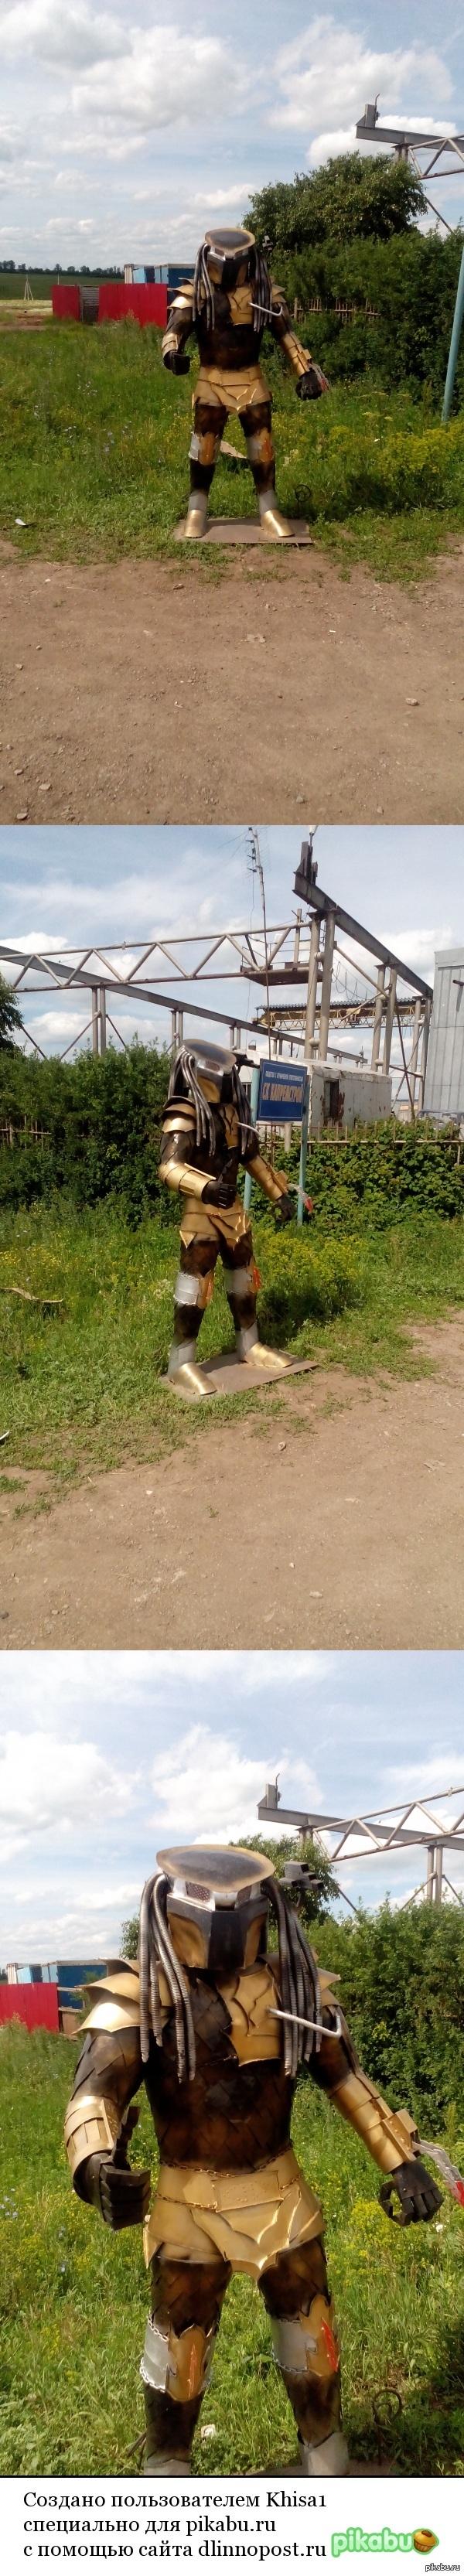 Хищник сфотографировал при въезде в пгт Актюба